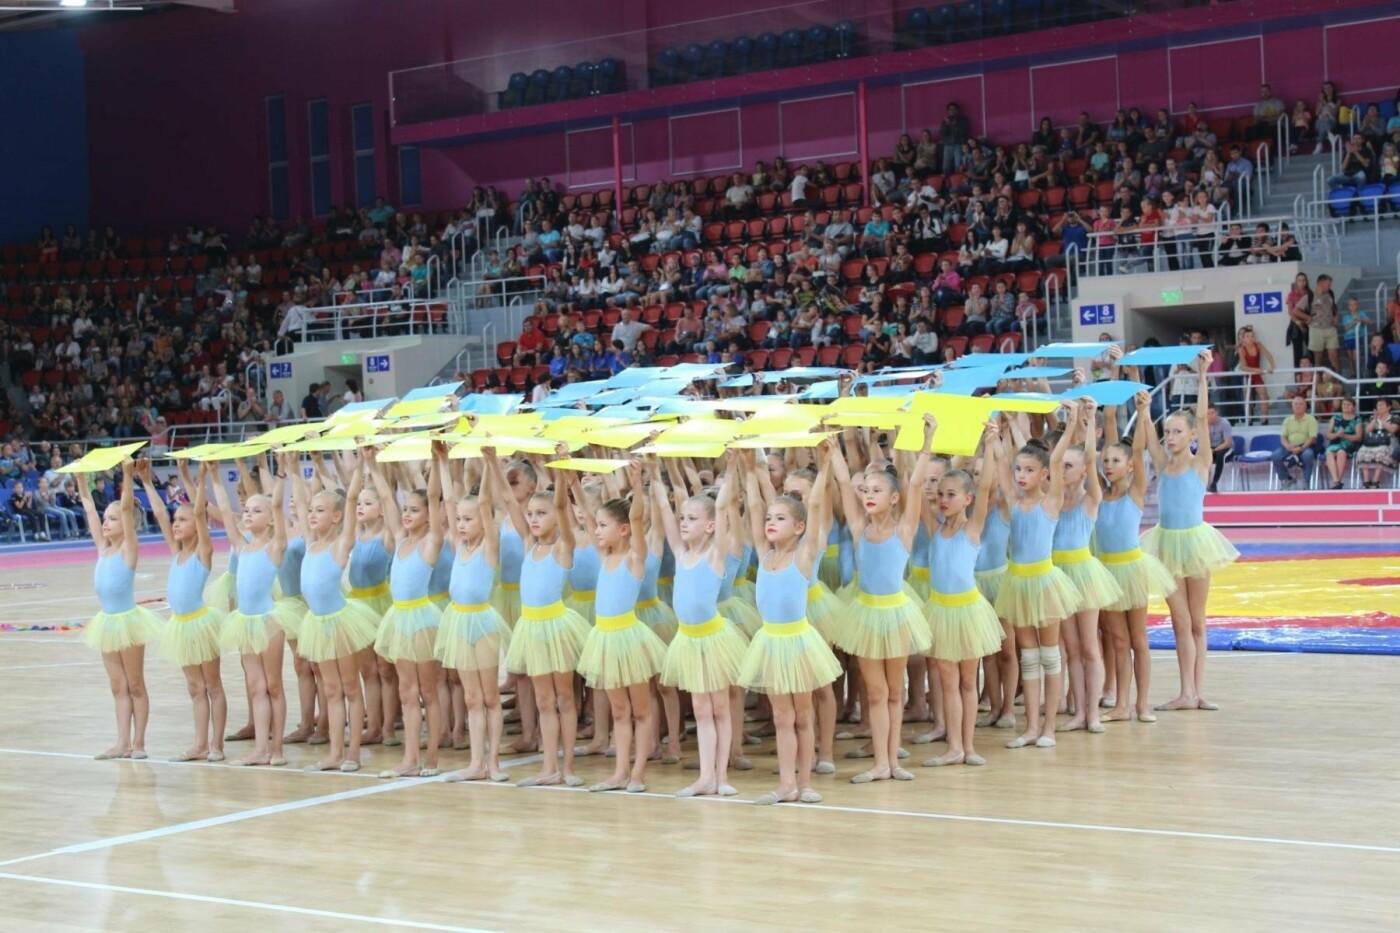 В «Юности» спортивные школы города показали шоу, - ФОТО, фото-2